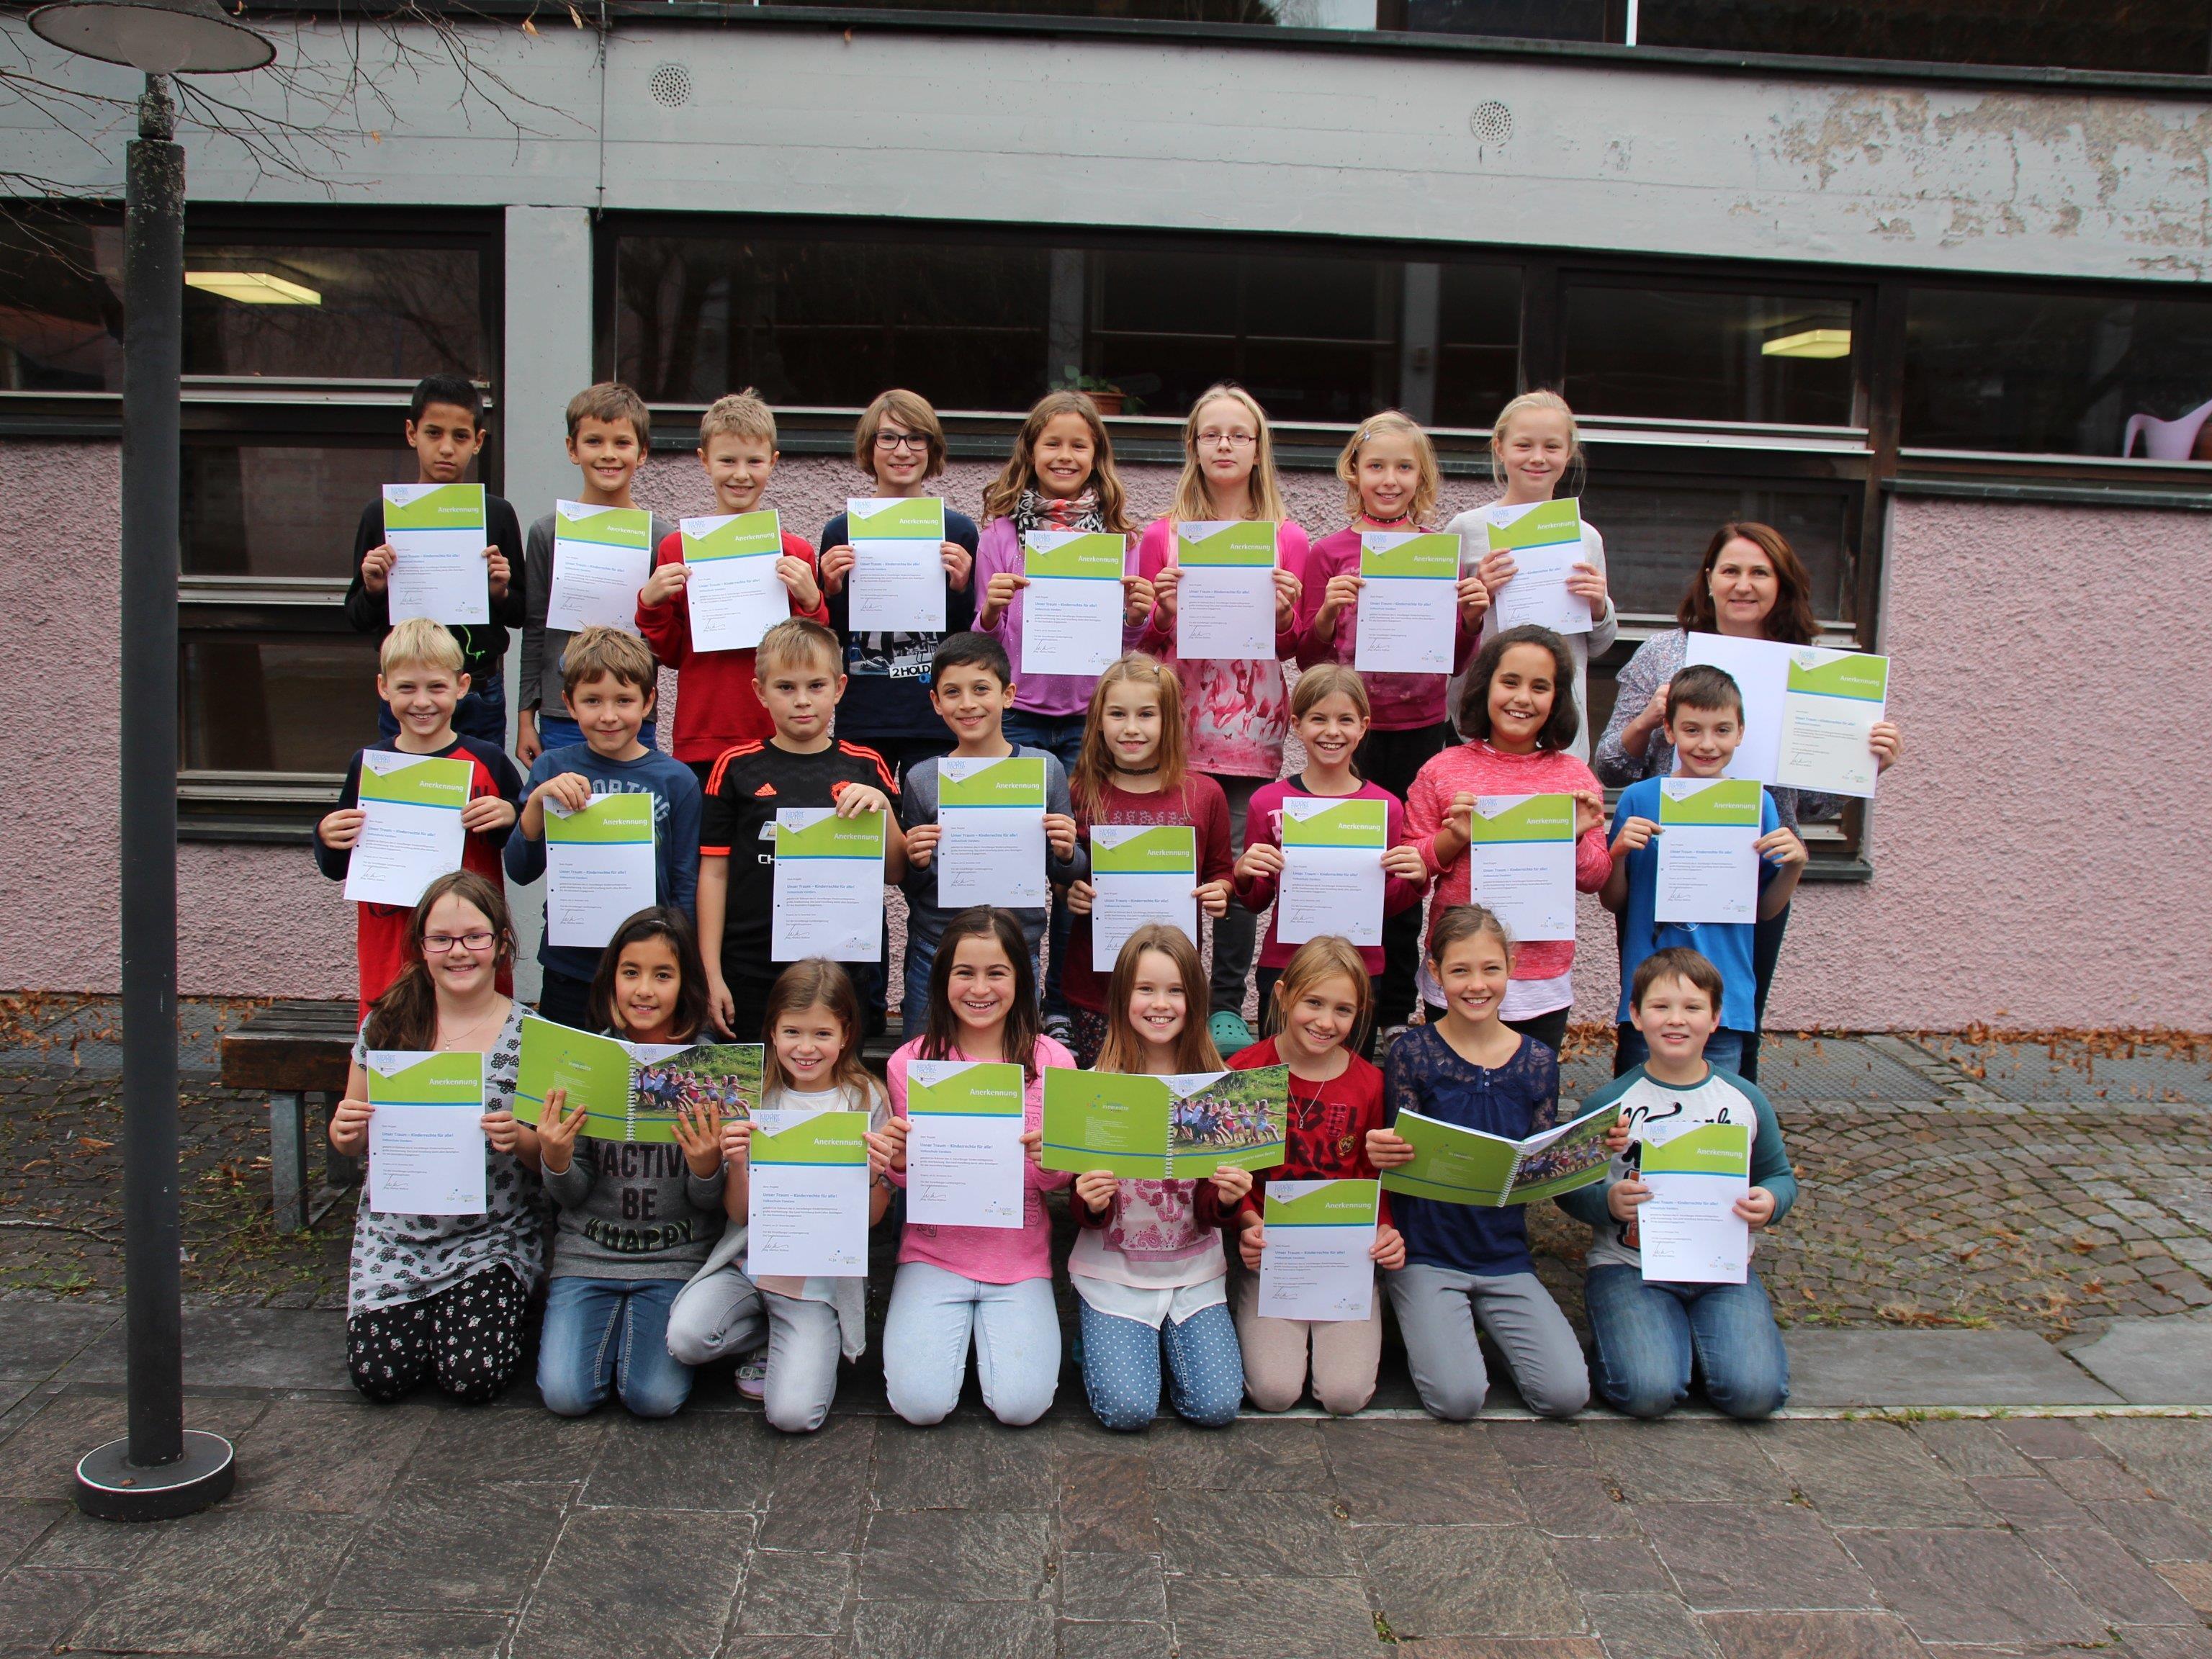 Die Kinder der vierten Volksschulklasse mit ihren Urkunden.